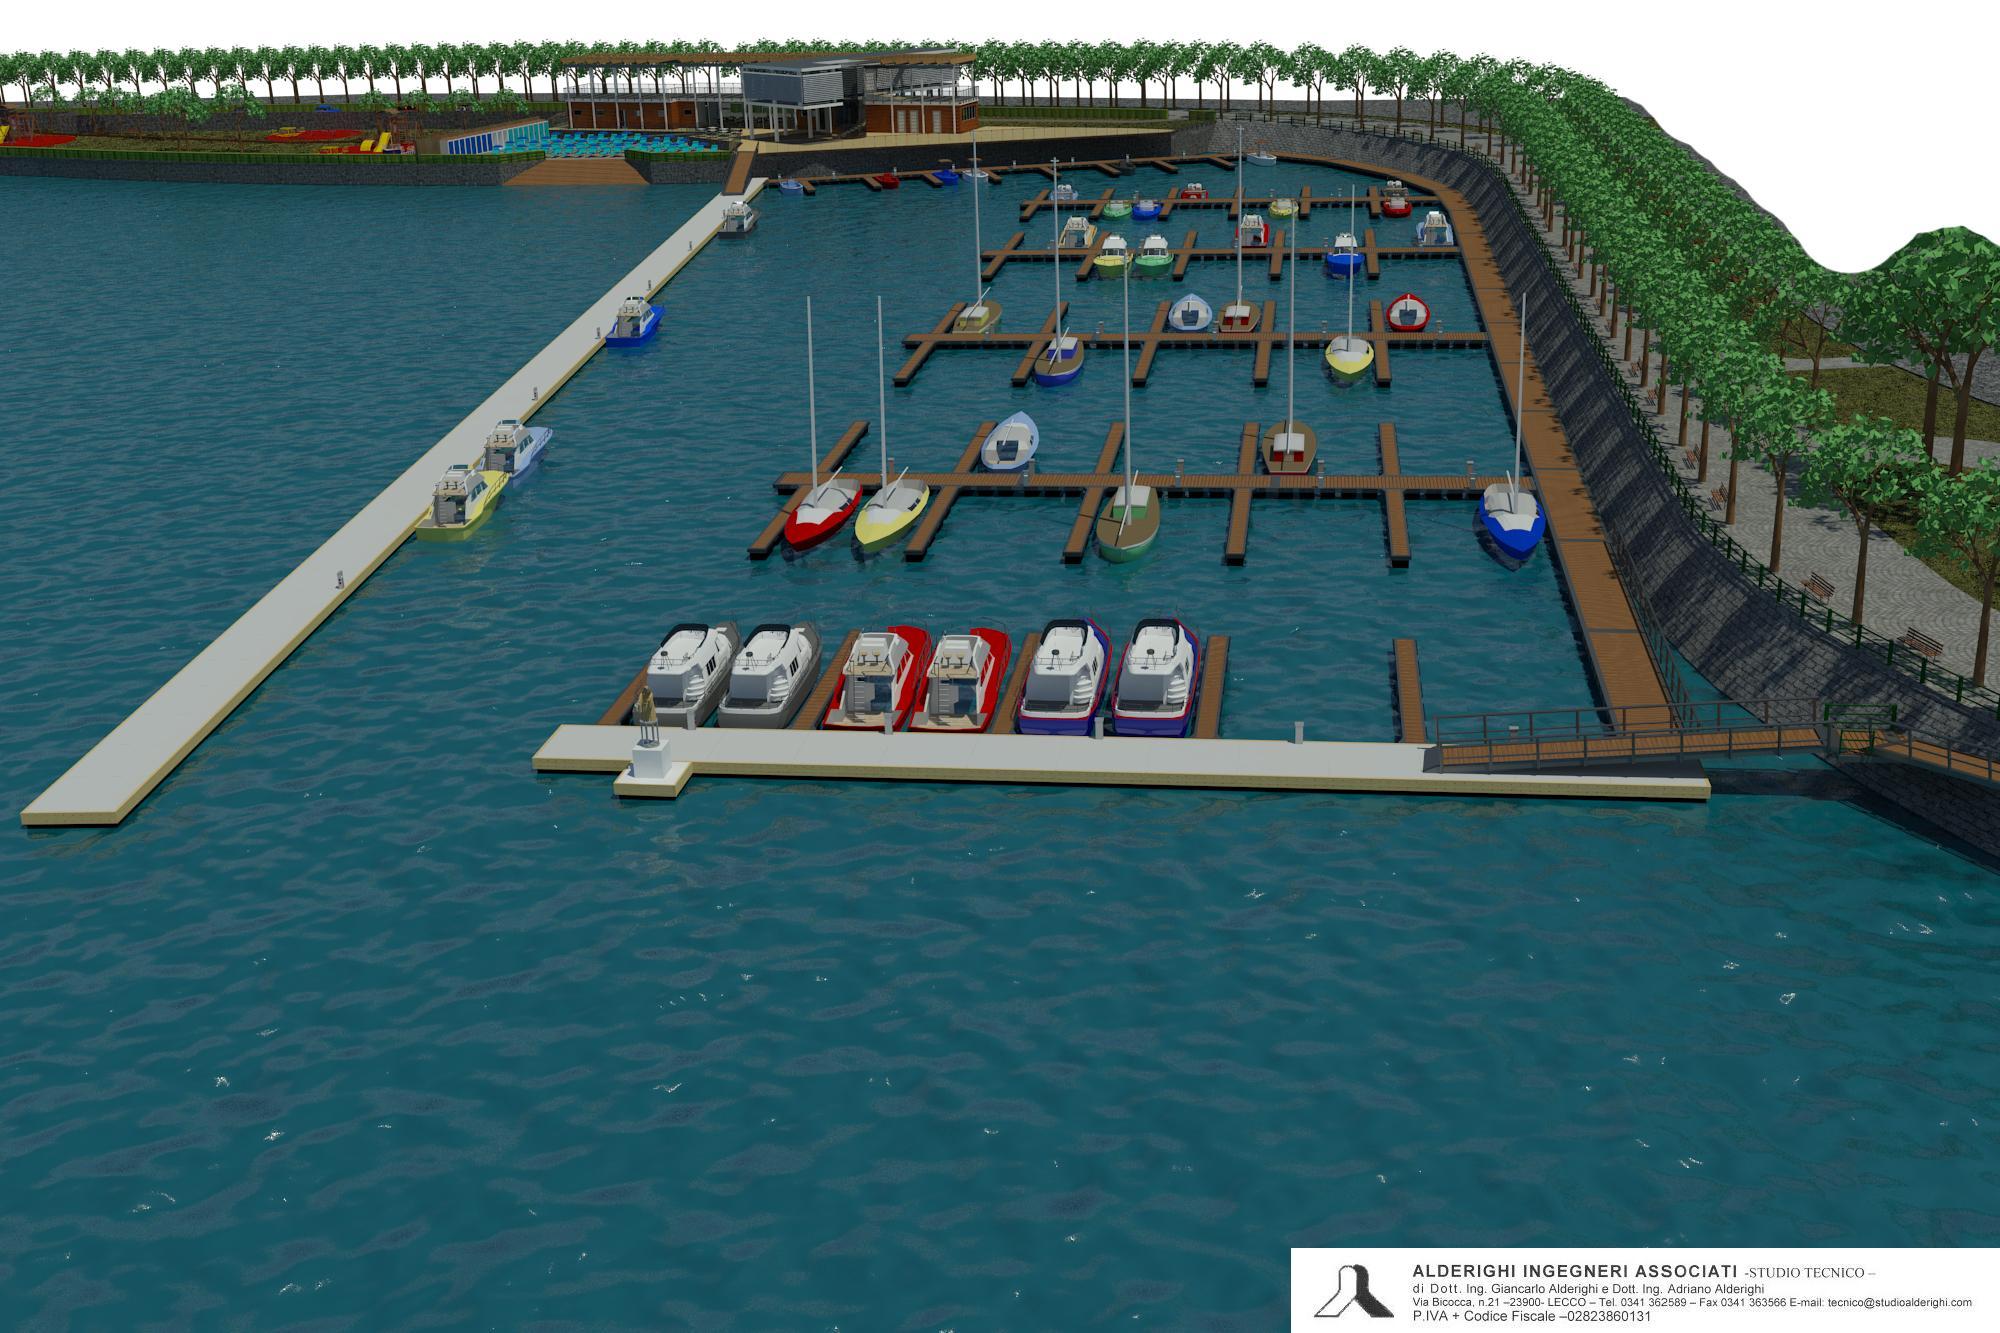 Gli elaborati grafici del porto alla Malpensata messi a punto dallo studio tecnico Alderighi.